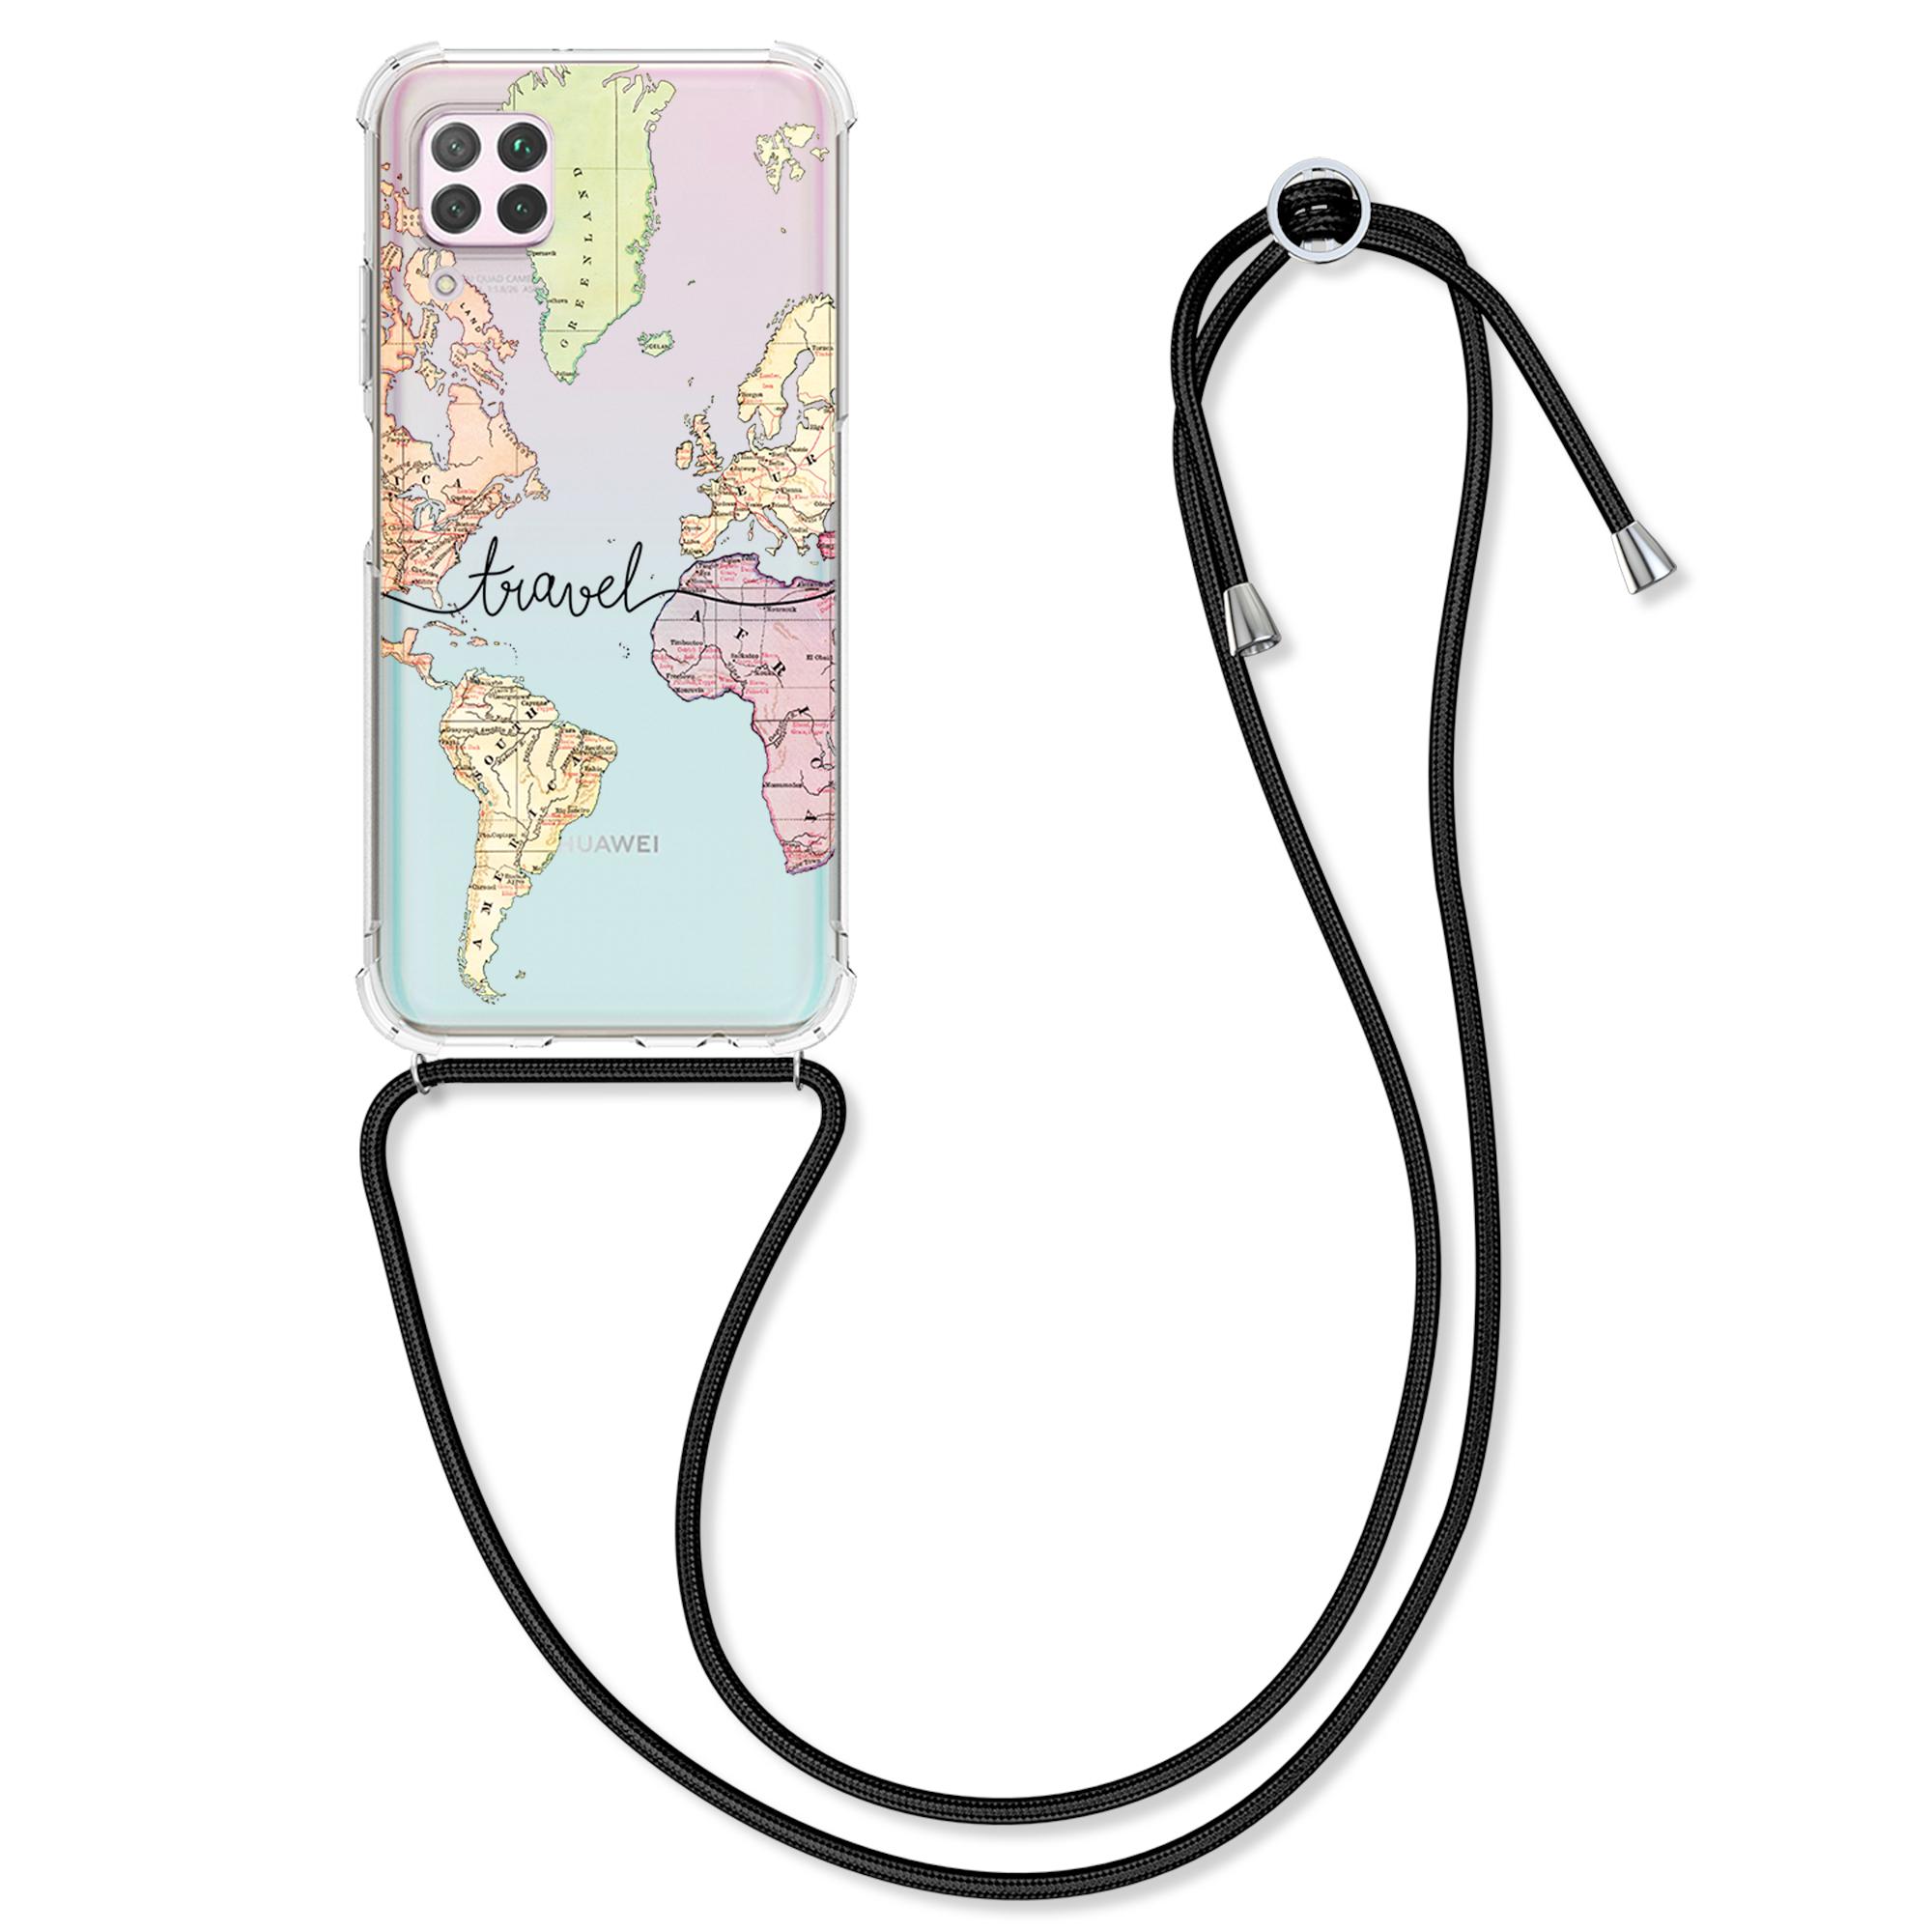 AKCE! Silikonové pouzdro / obal na krk pro Huawei P40 Lite s motivem mapy světa